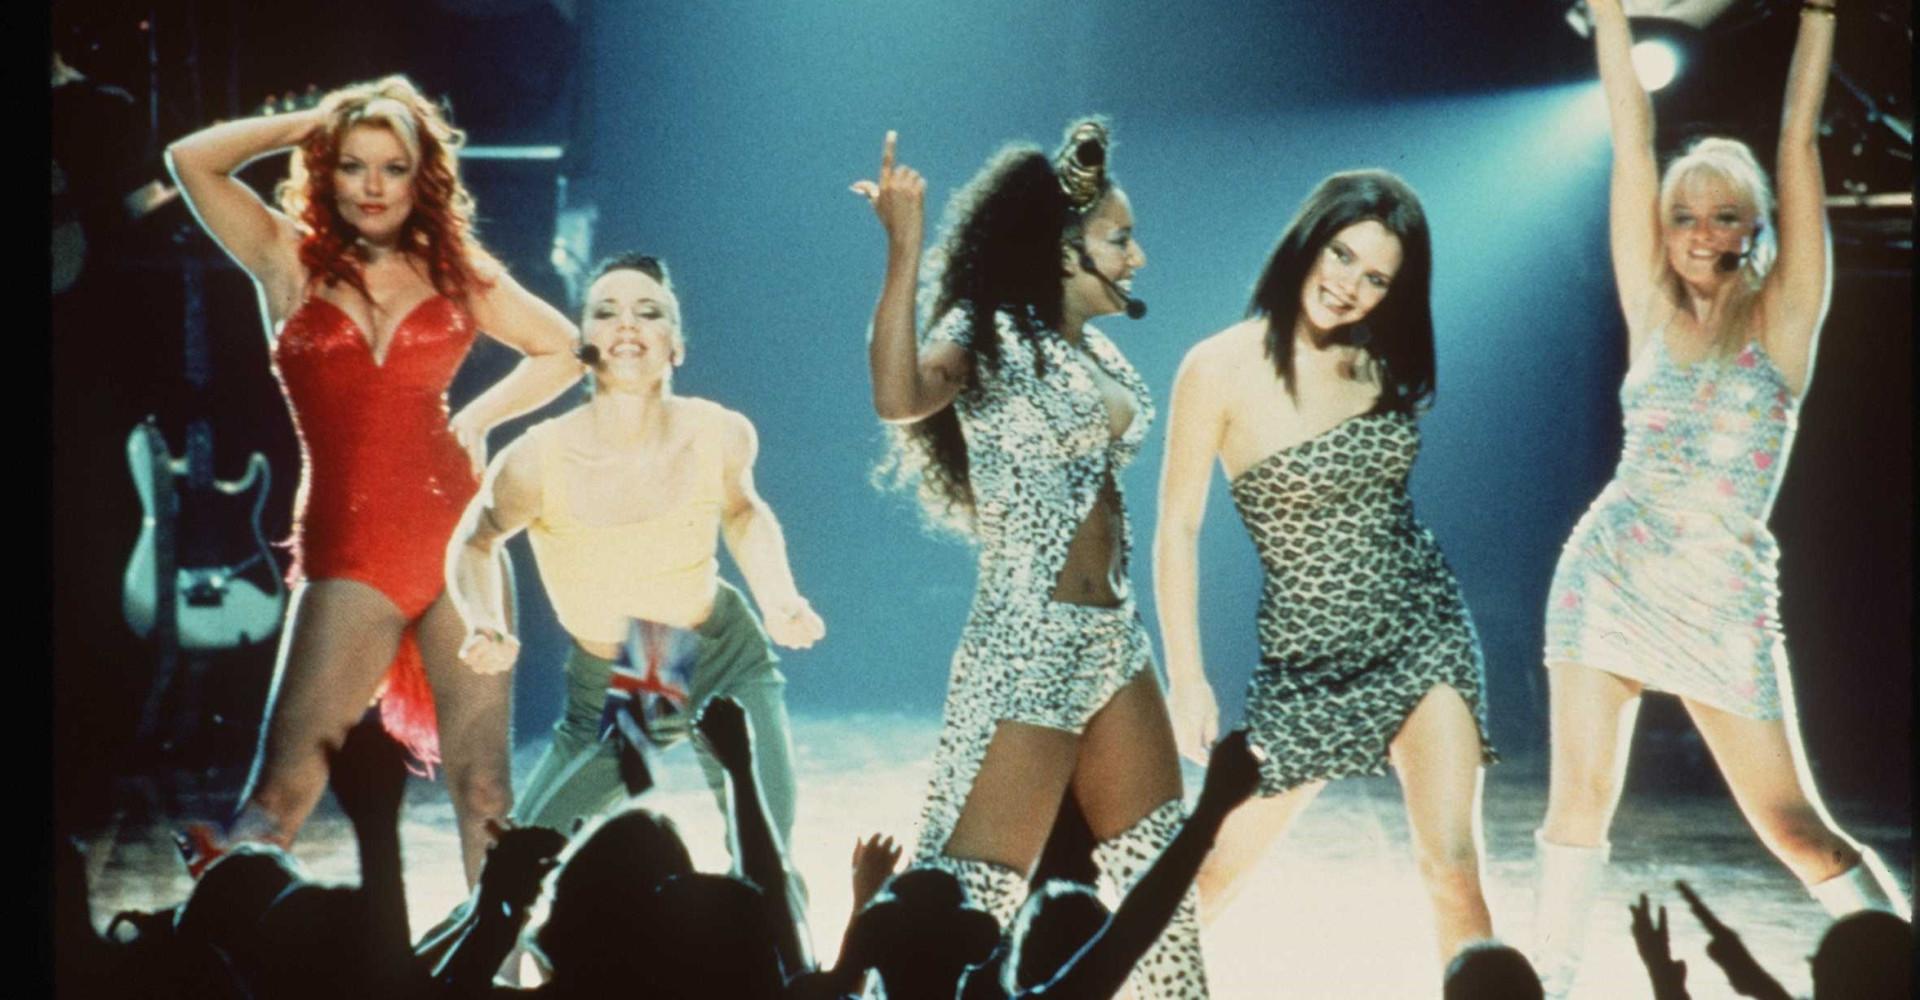 Dit  wist je nog niet over de Spice Girls